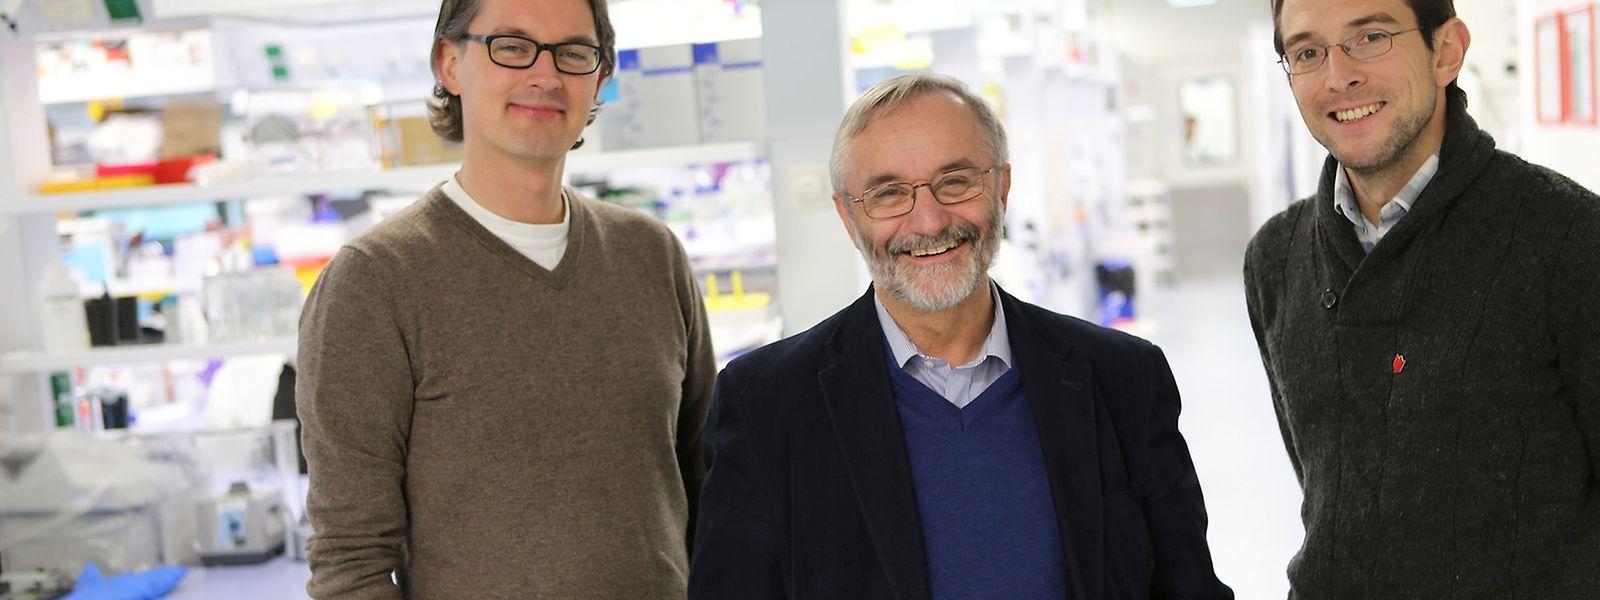 Le professeur Rudi Balling (au centre), coordinateur du vaste projet européen, entouré par le professeur Jens Schwamborn (à gauche), et le docteur Ronan Fleming (à droite).